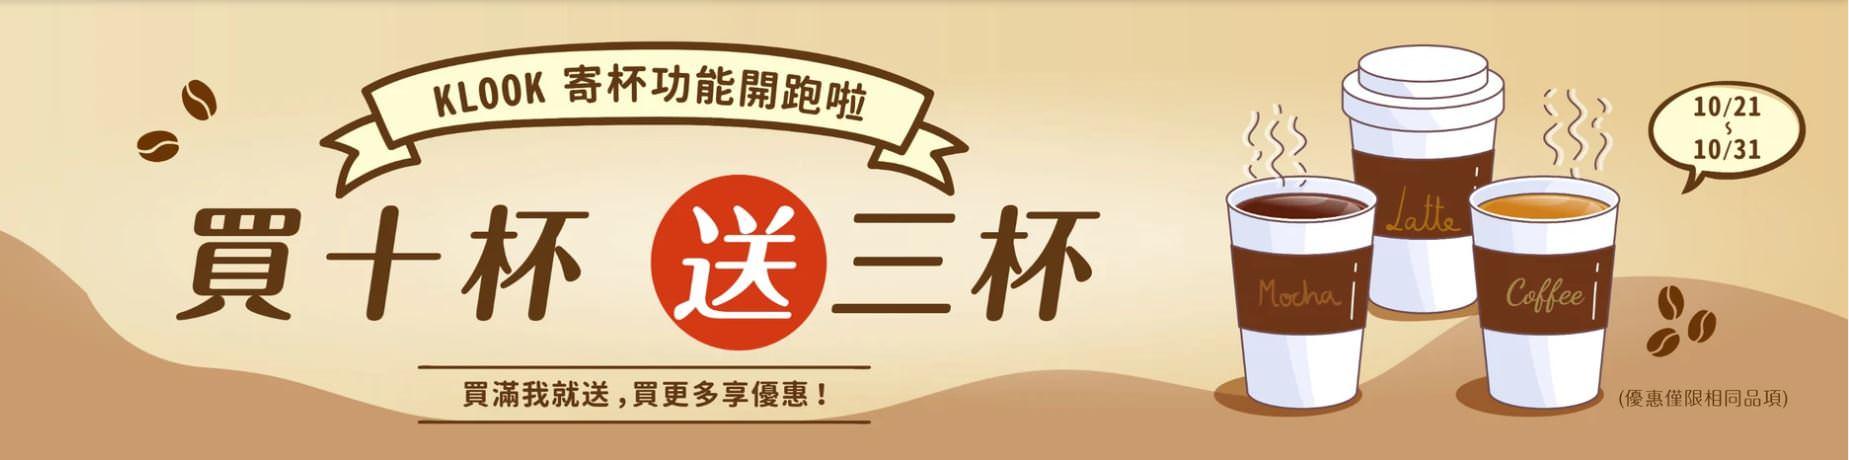 【KLOOK寄杯活動】咖啡、果汁、珍珠奶茶等飲品買10送3! - threeonelee.com